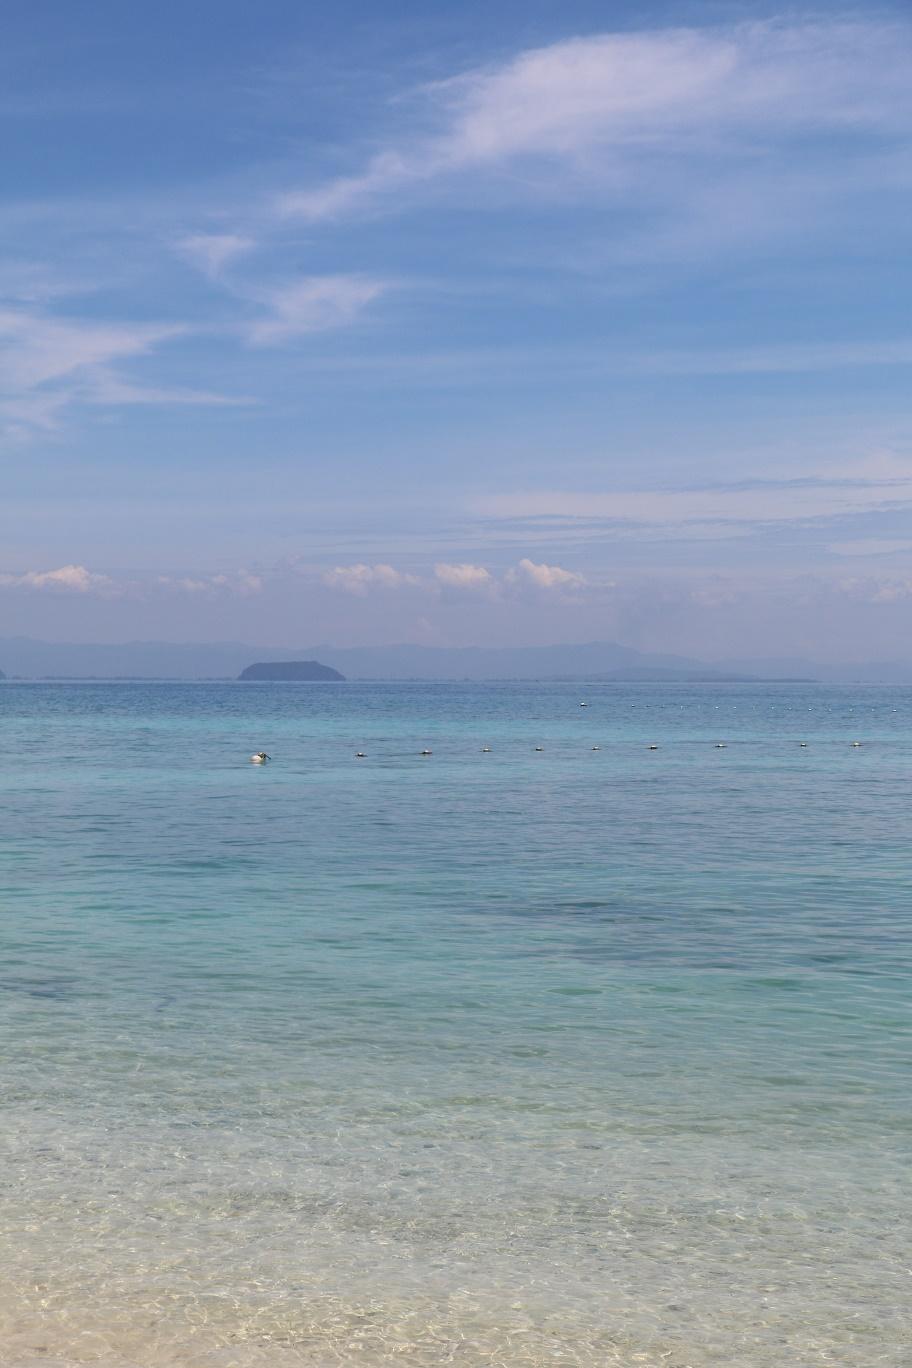 Pulau_Perhentian_Kecil_Coral_Beach_5_thebraidedgirl